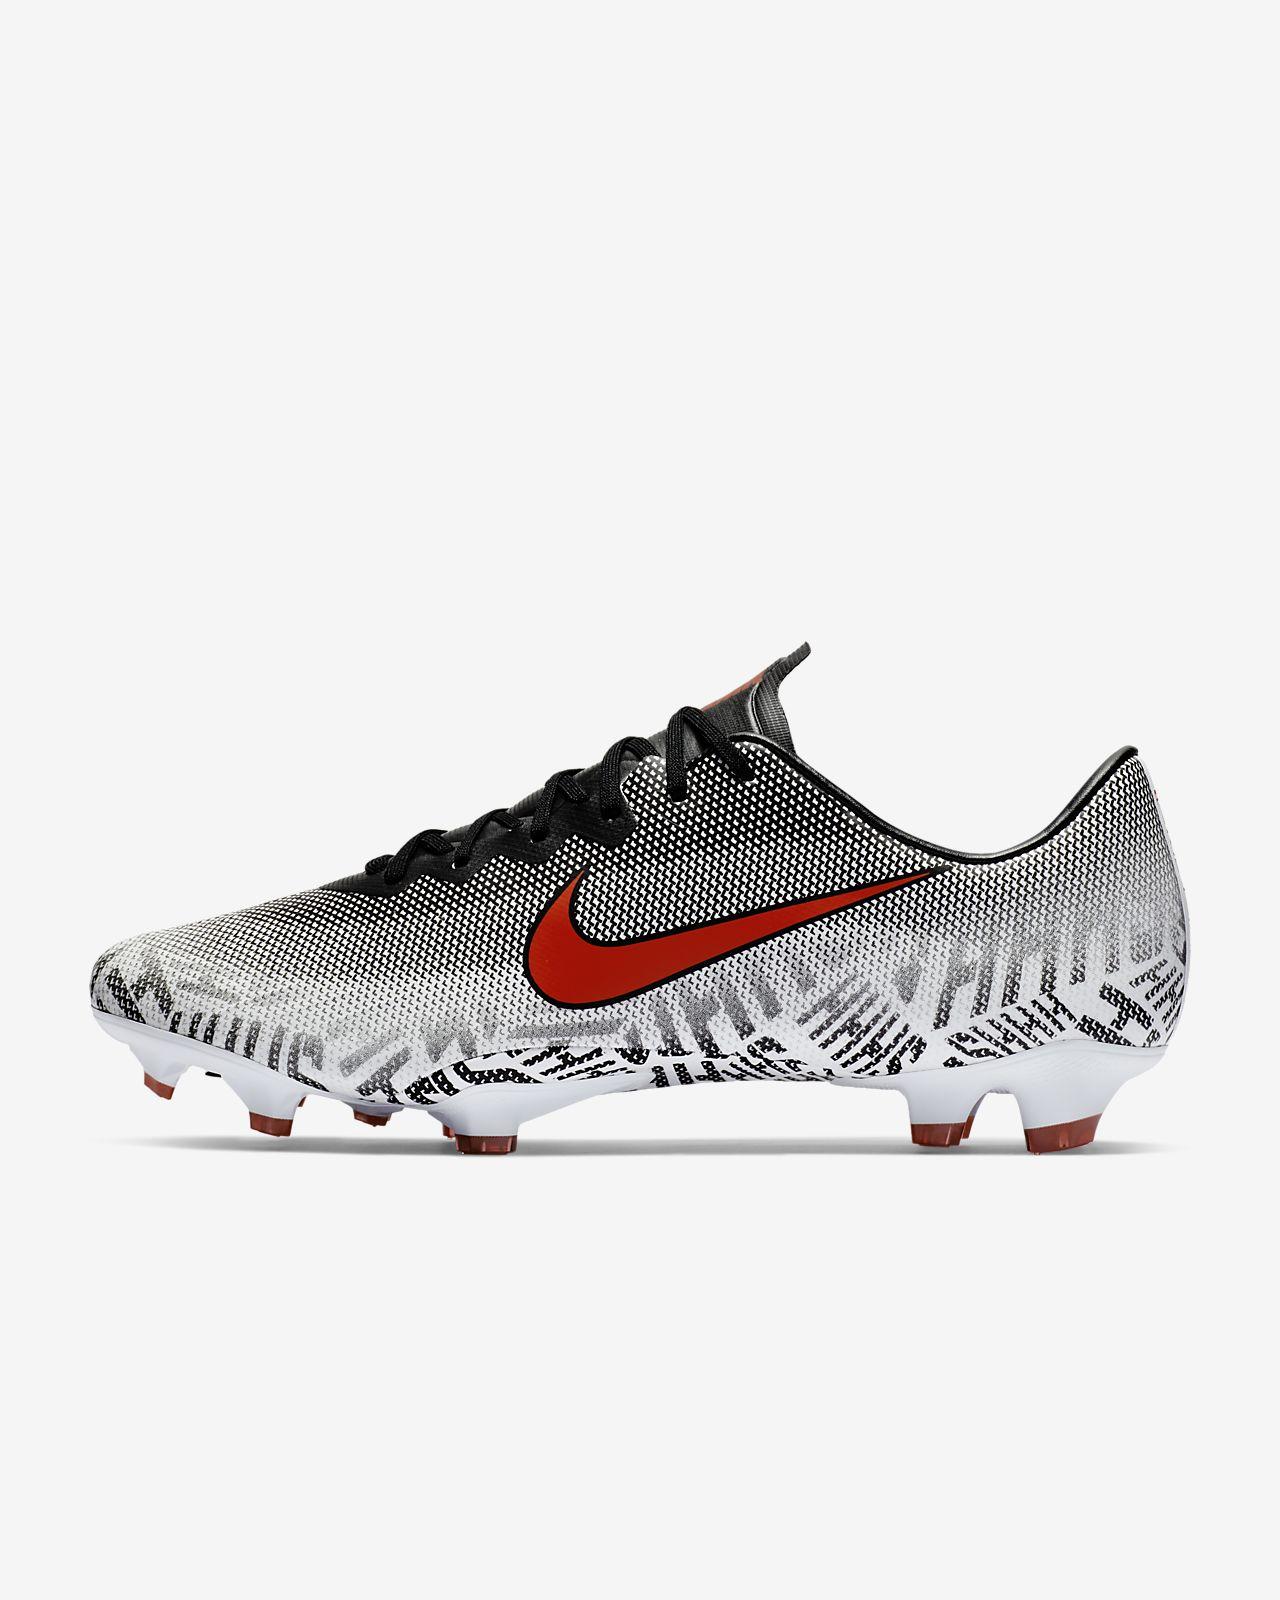 b115e98b2f9 Chaussure de football à crampons pour terrain sec Nike Mercurial Vapor XII  Pro Neymar Jr pour